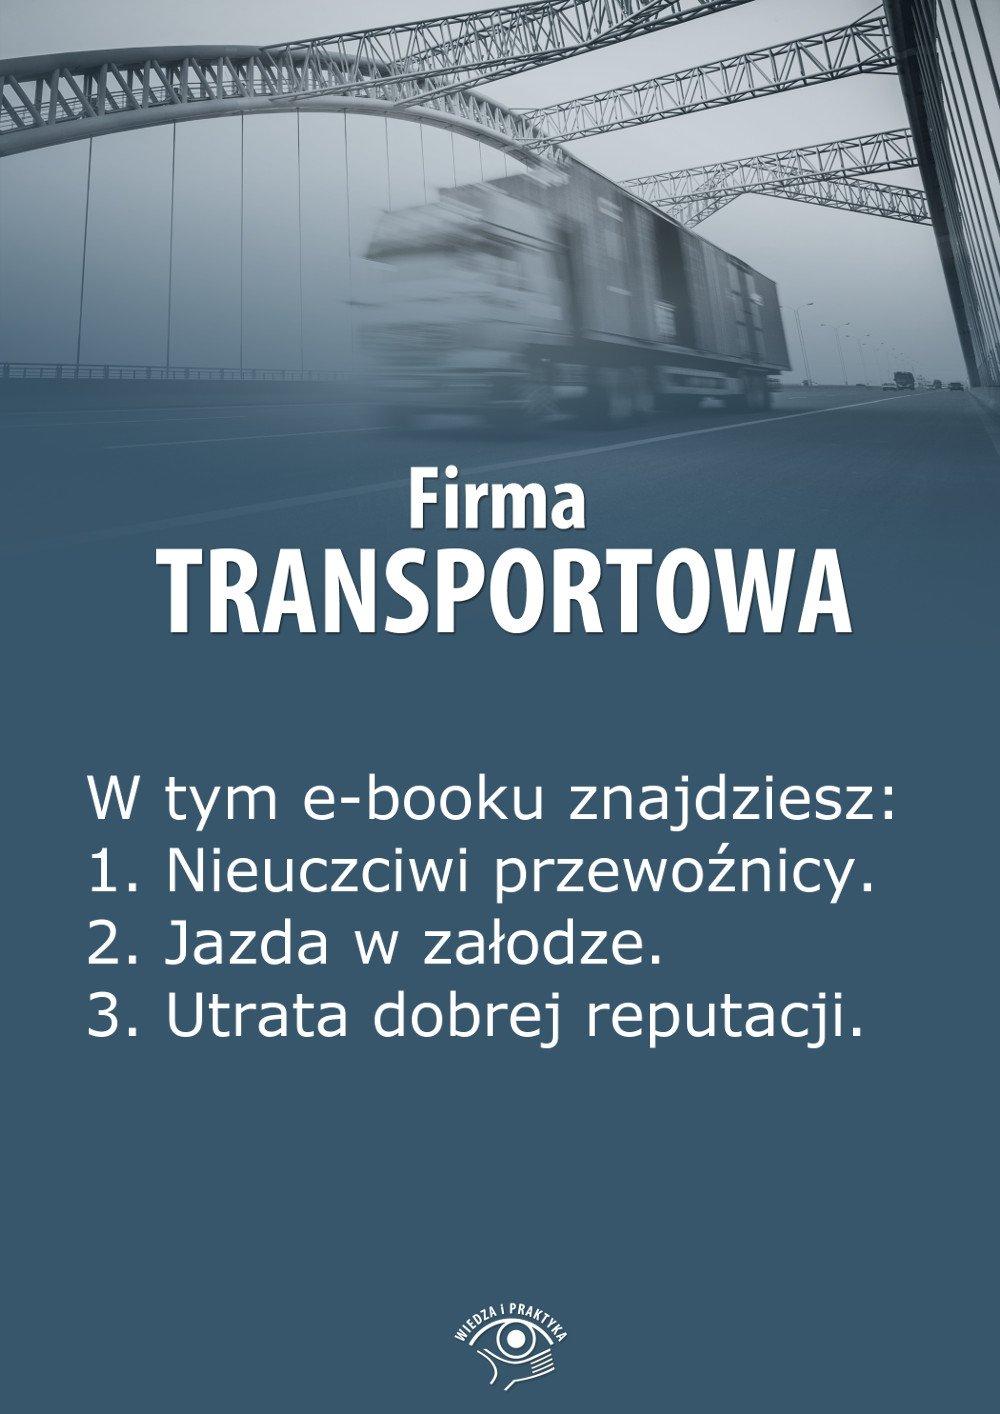 Firma transportowa. Wydanie lipiec 2014 r. - Ebook (Książka EPUB) do pobrania w formacie EPUB